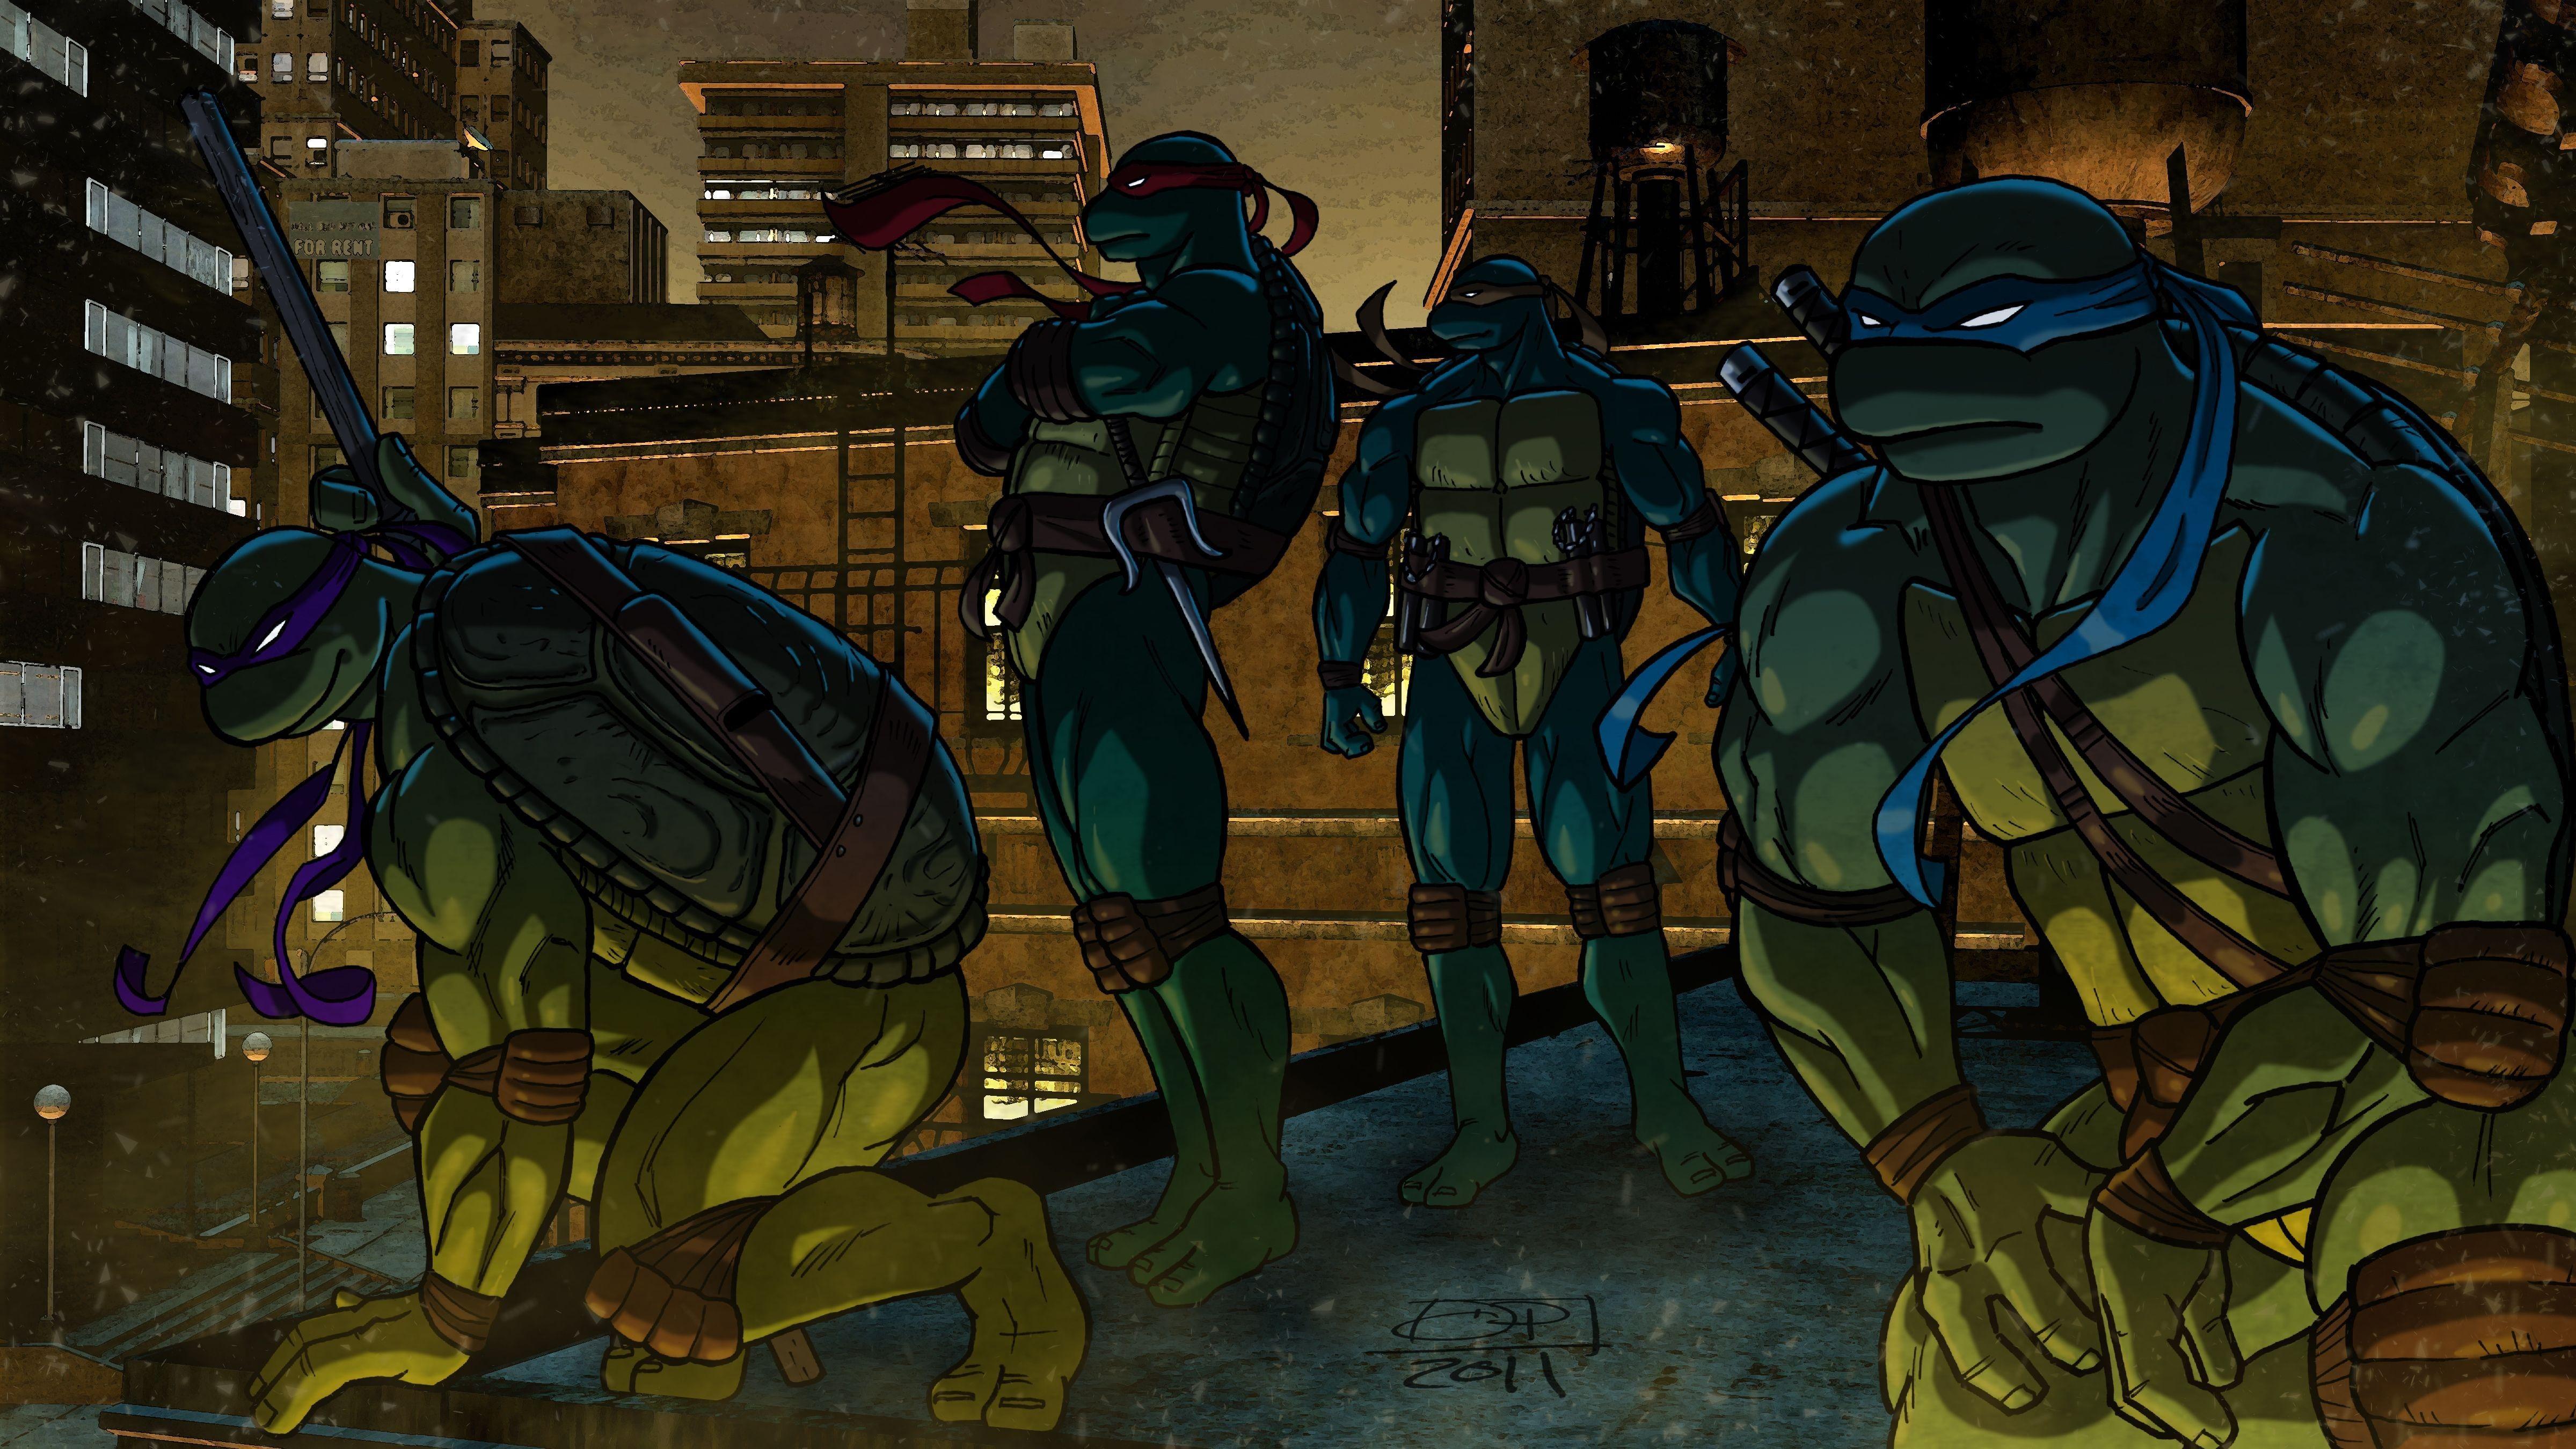 Tmnt Wallpaper Hd High Definition Wallpapers Teenage Mutant Ninja Turtles Tmnt Teenage Mutant Ninja Turtles Art